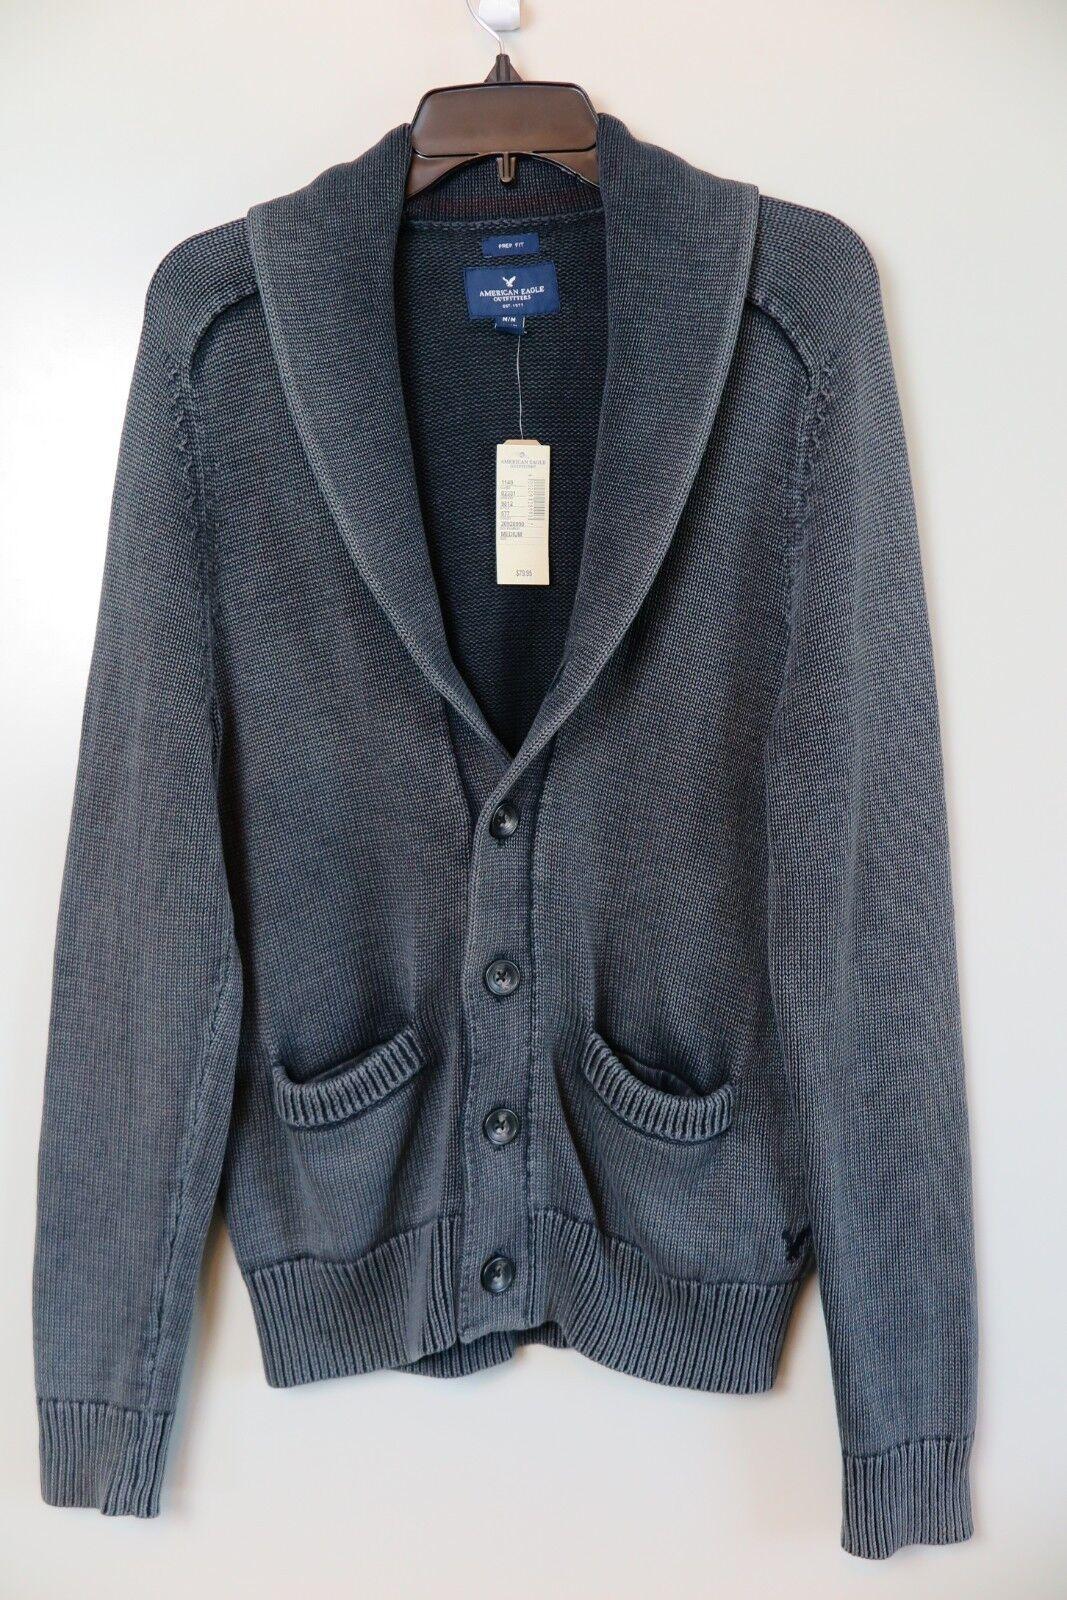 NWT American Eagle Washed grau Classic Prep-Fit Cardigan Sweater Größe M